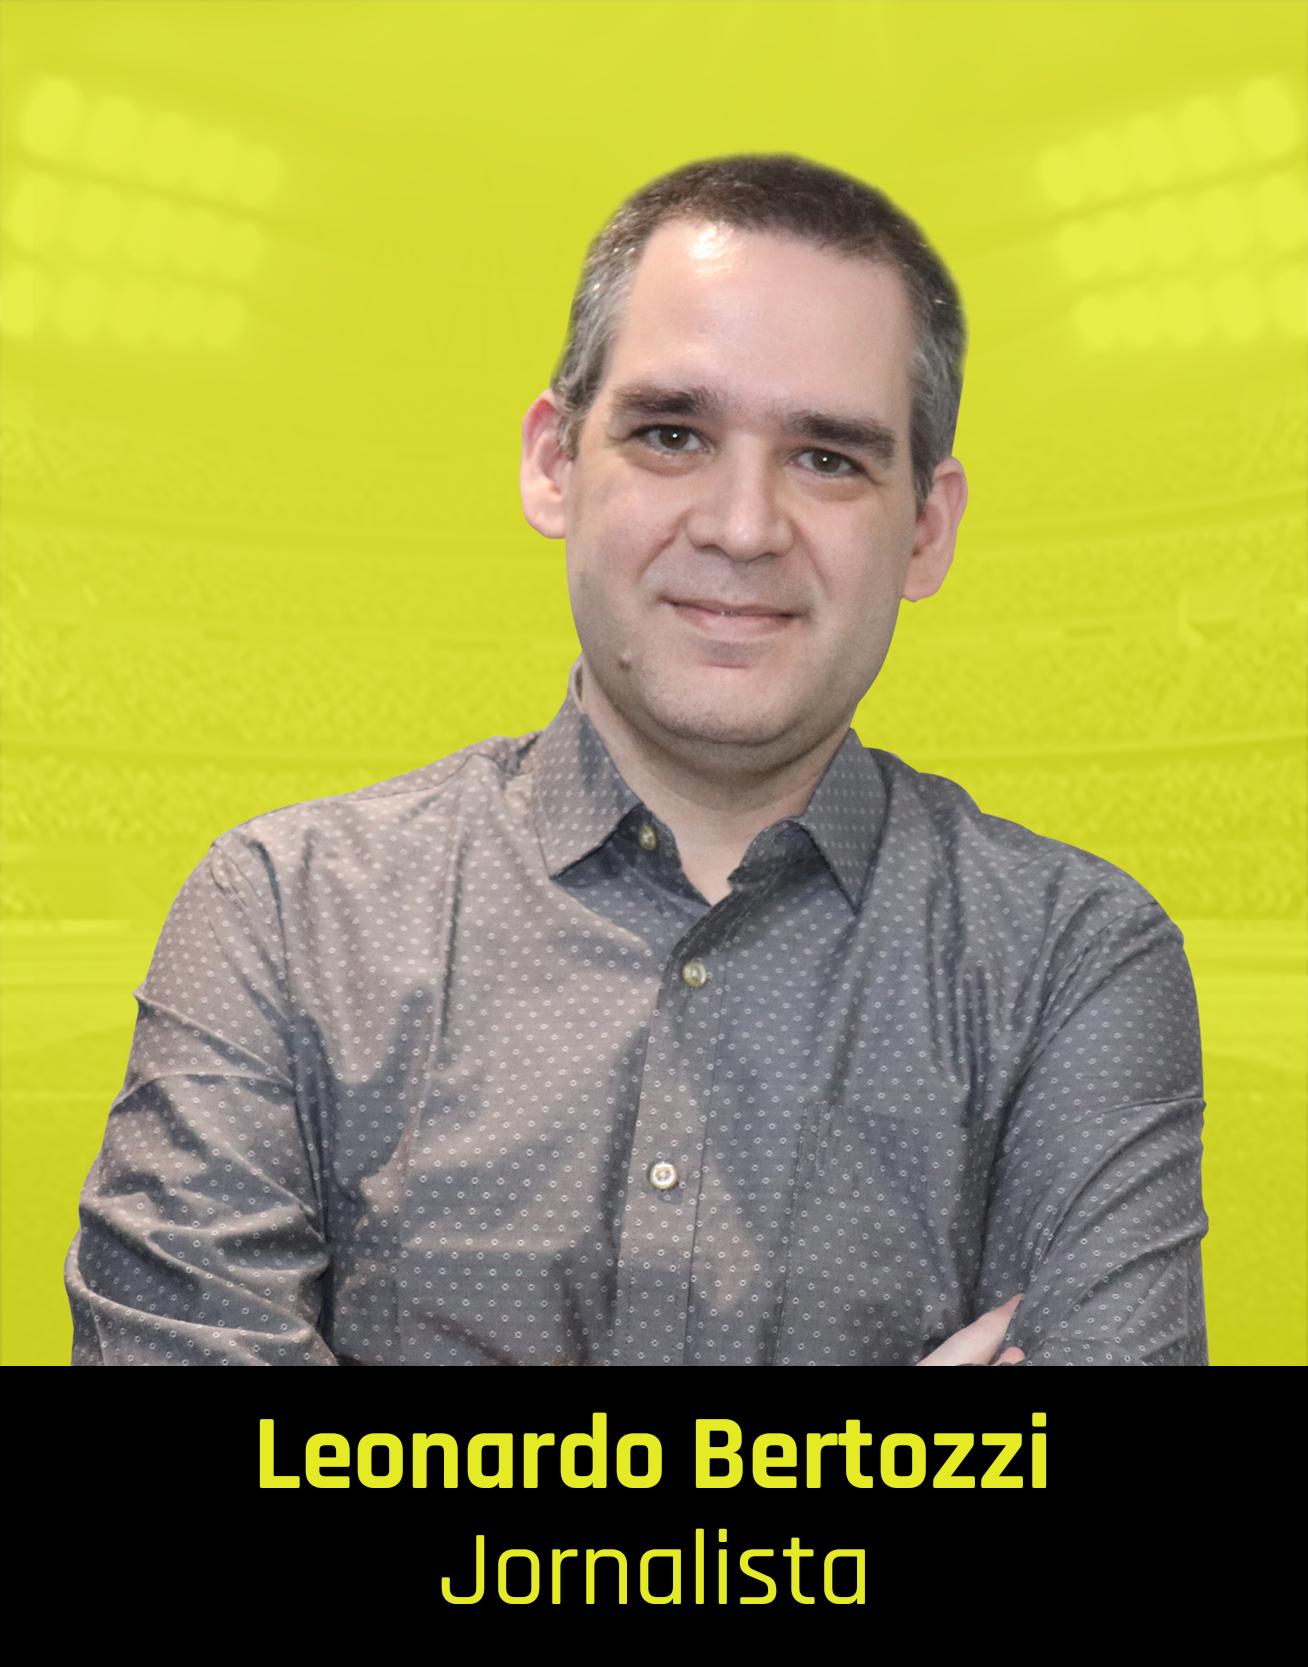 Leonardo Bertozzi